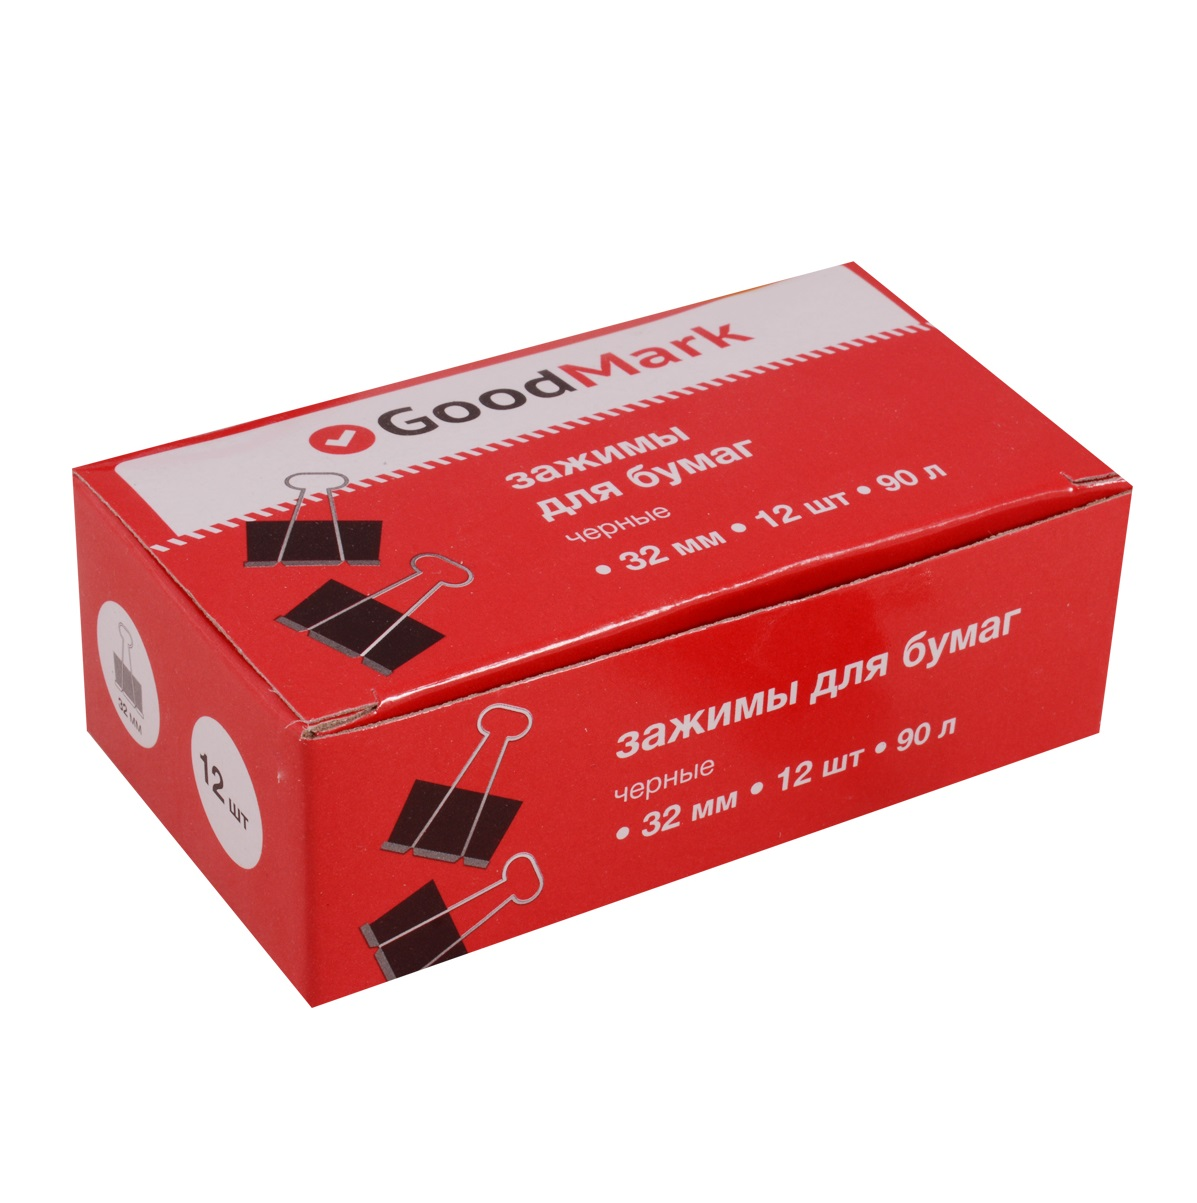 Зажимы для бумаг, 32 мм, 12 шт, GoodMark